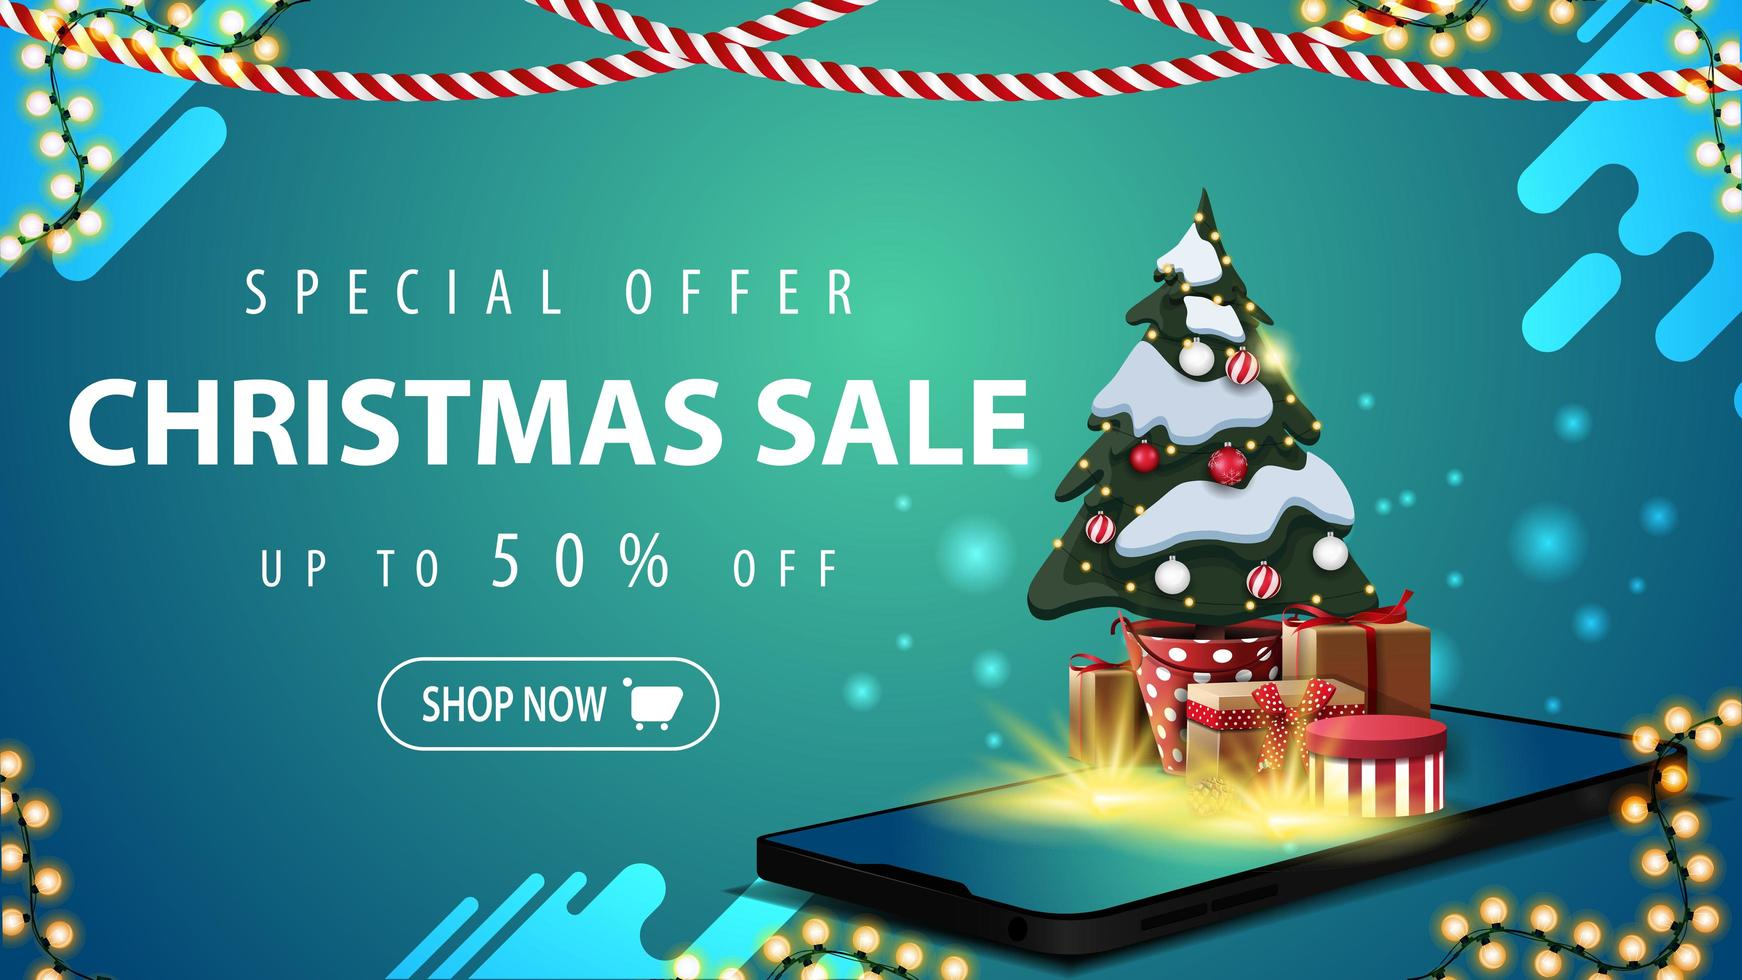 offre spéciale, vente de Noël, jusqu'à 50 rabais, bannière de réduction bleue pour site Web avec guirlandes, bouton et smartphone de l'écran qui apparaissent arbre de Noël dans un pot avec des cadeaux vecteur